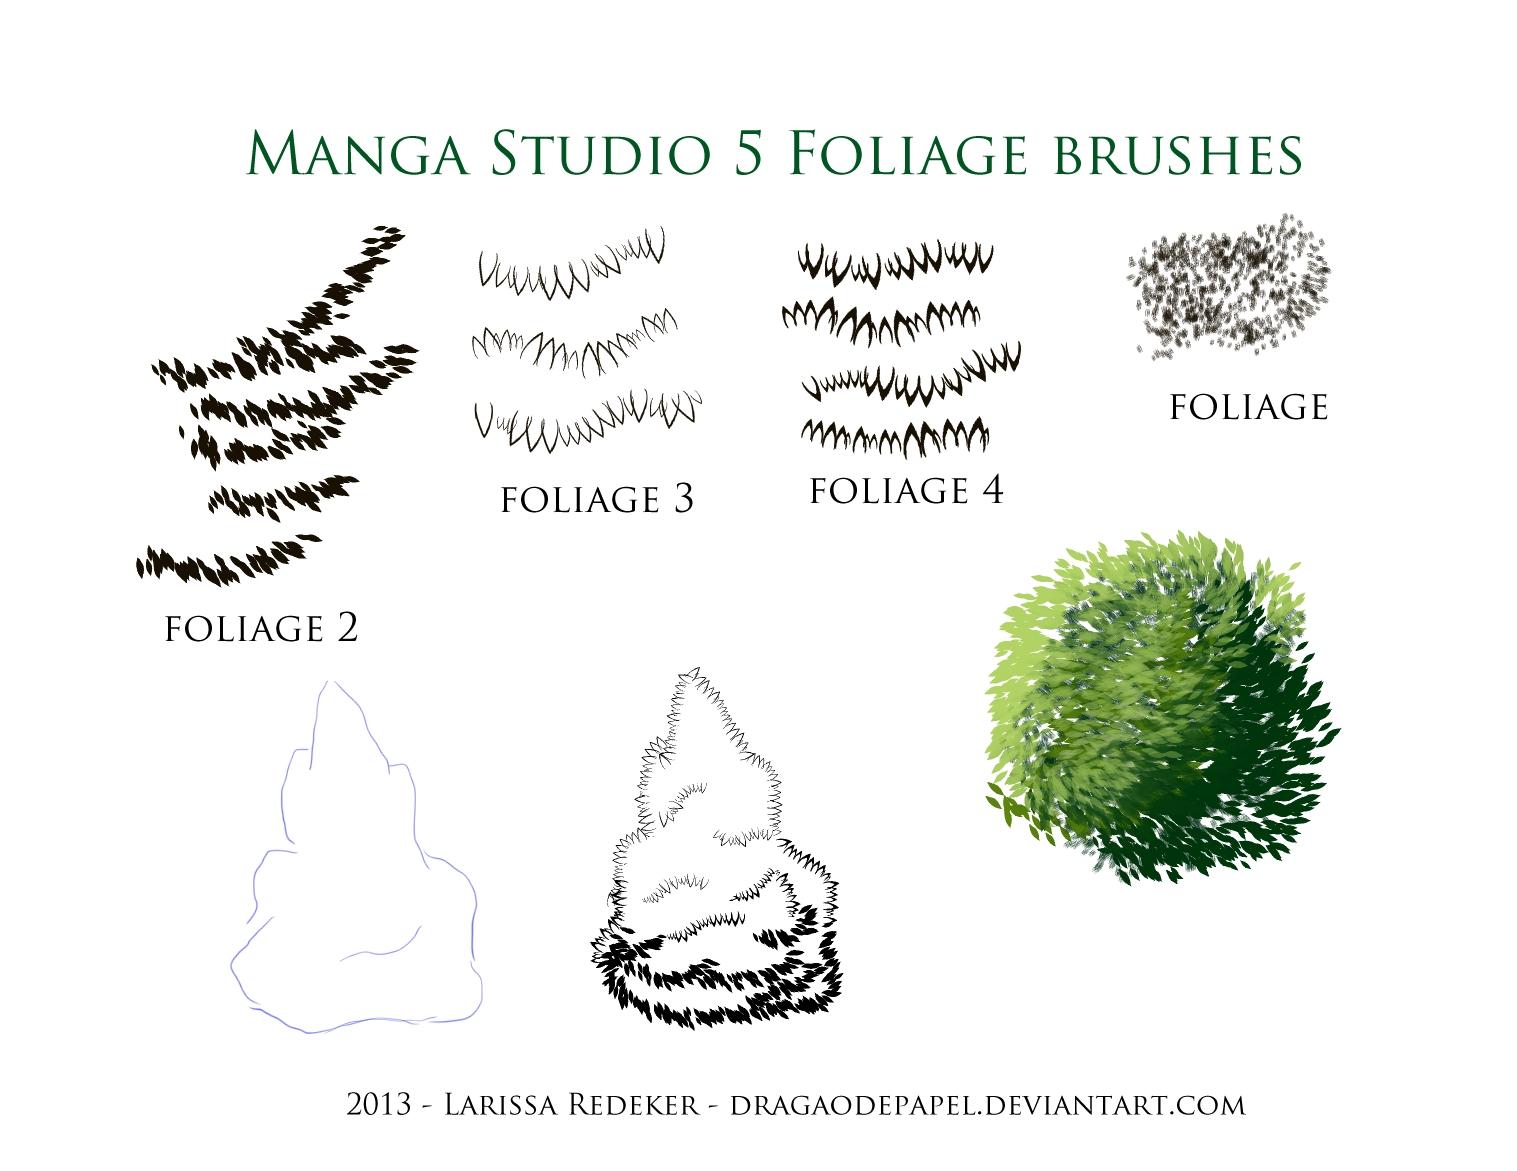 Foliage Brushes for Manga Studio 5